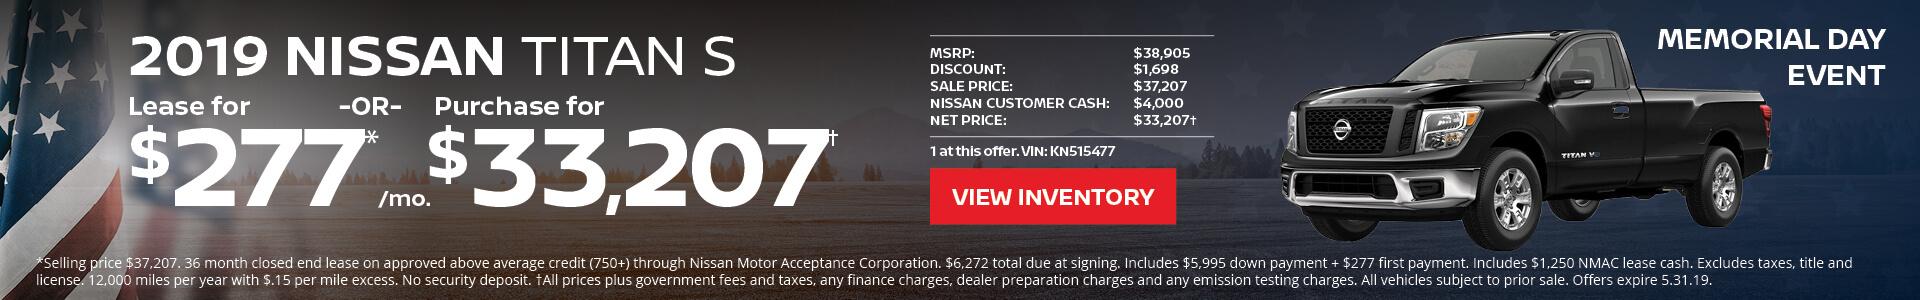 Nissan Titan $277 Lease